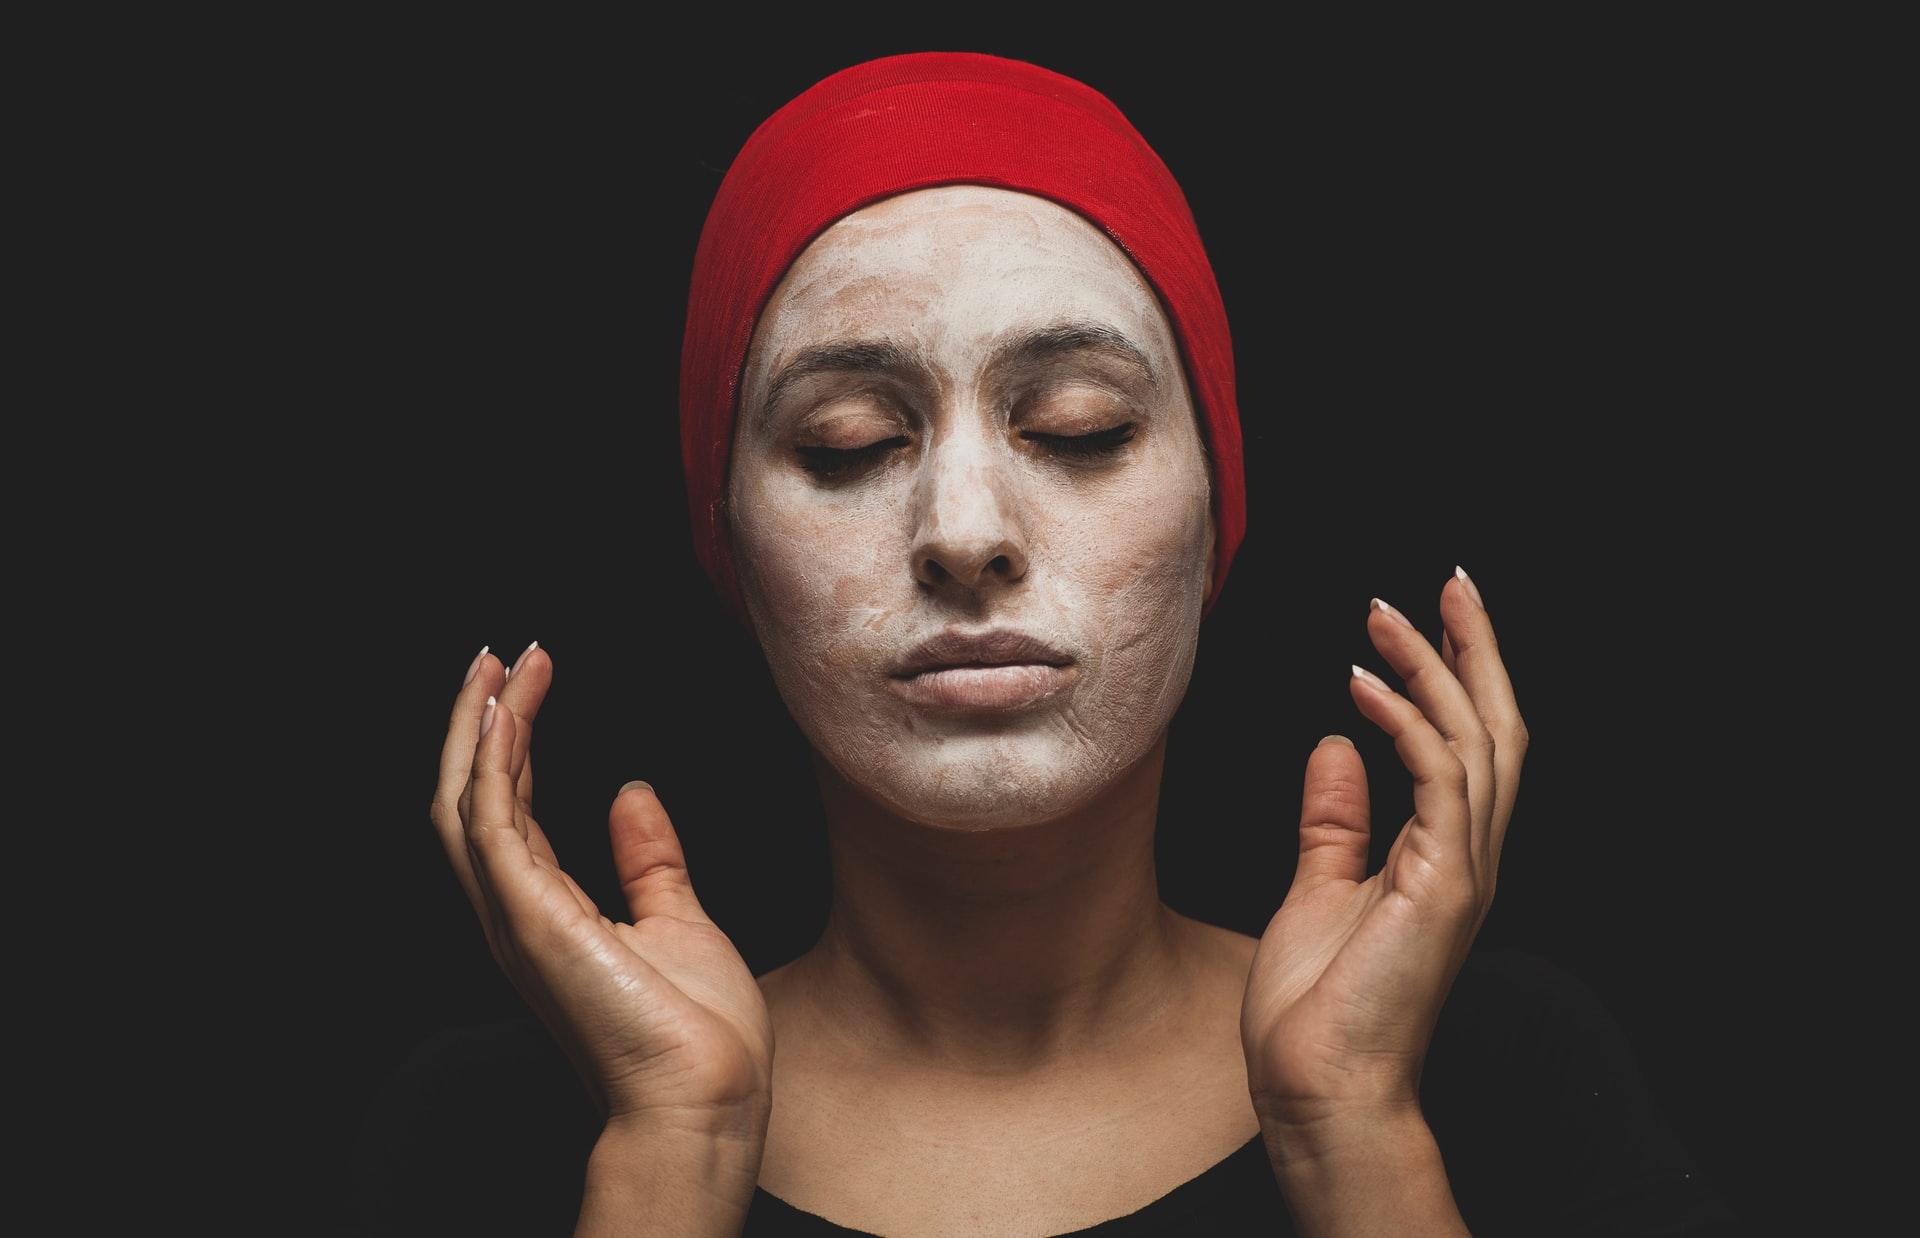 Микродермабразия — это микрошлифовка кожи